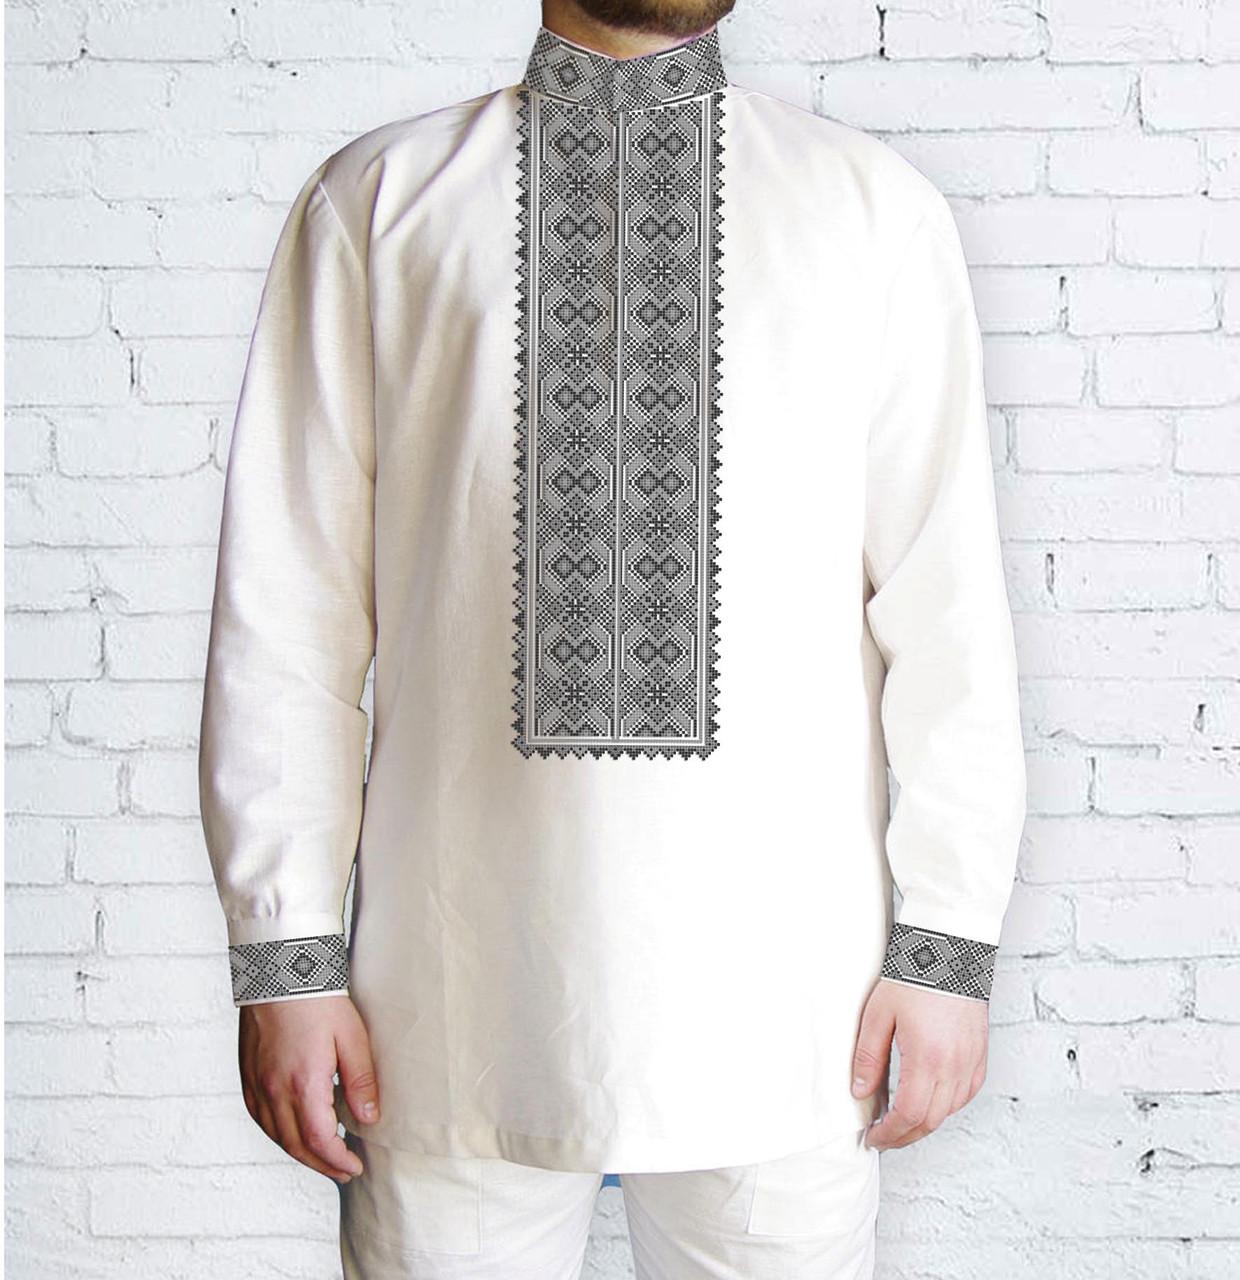 Заготовка чоловічої сорочки та вишиванки для вишивки чи вишивання бісером Бисерок «Орнамент 537 С» (Ч-537с )